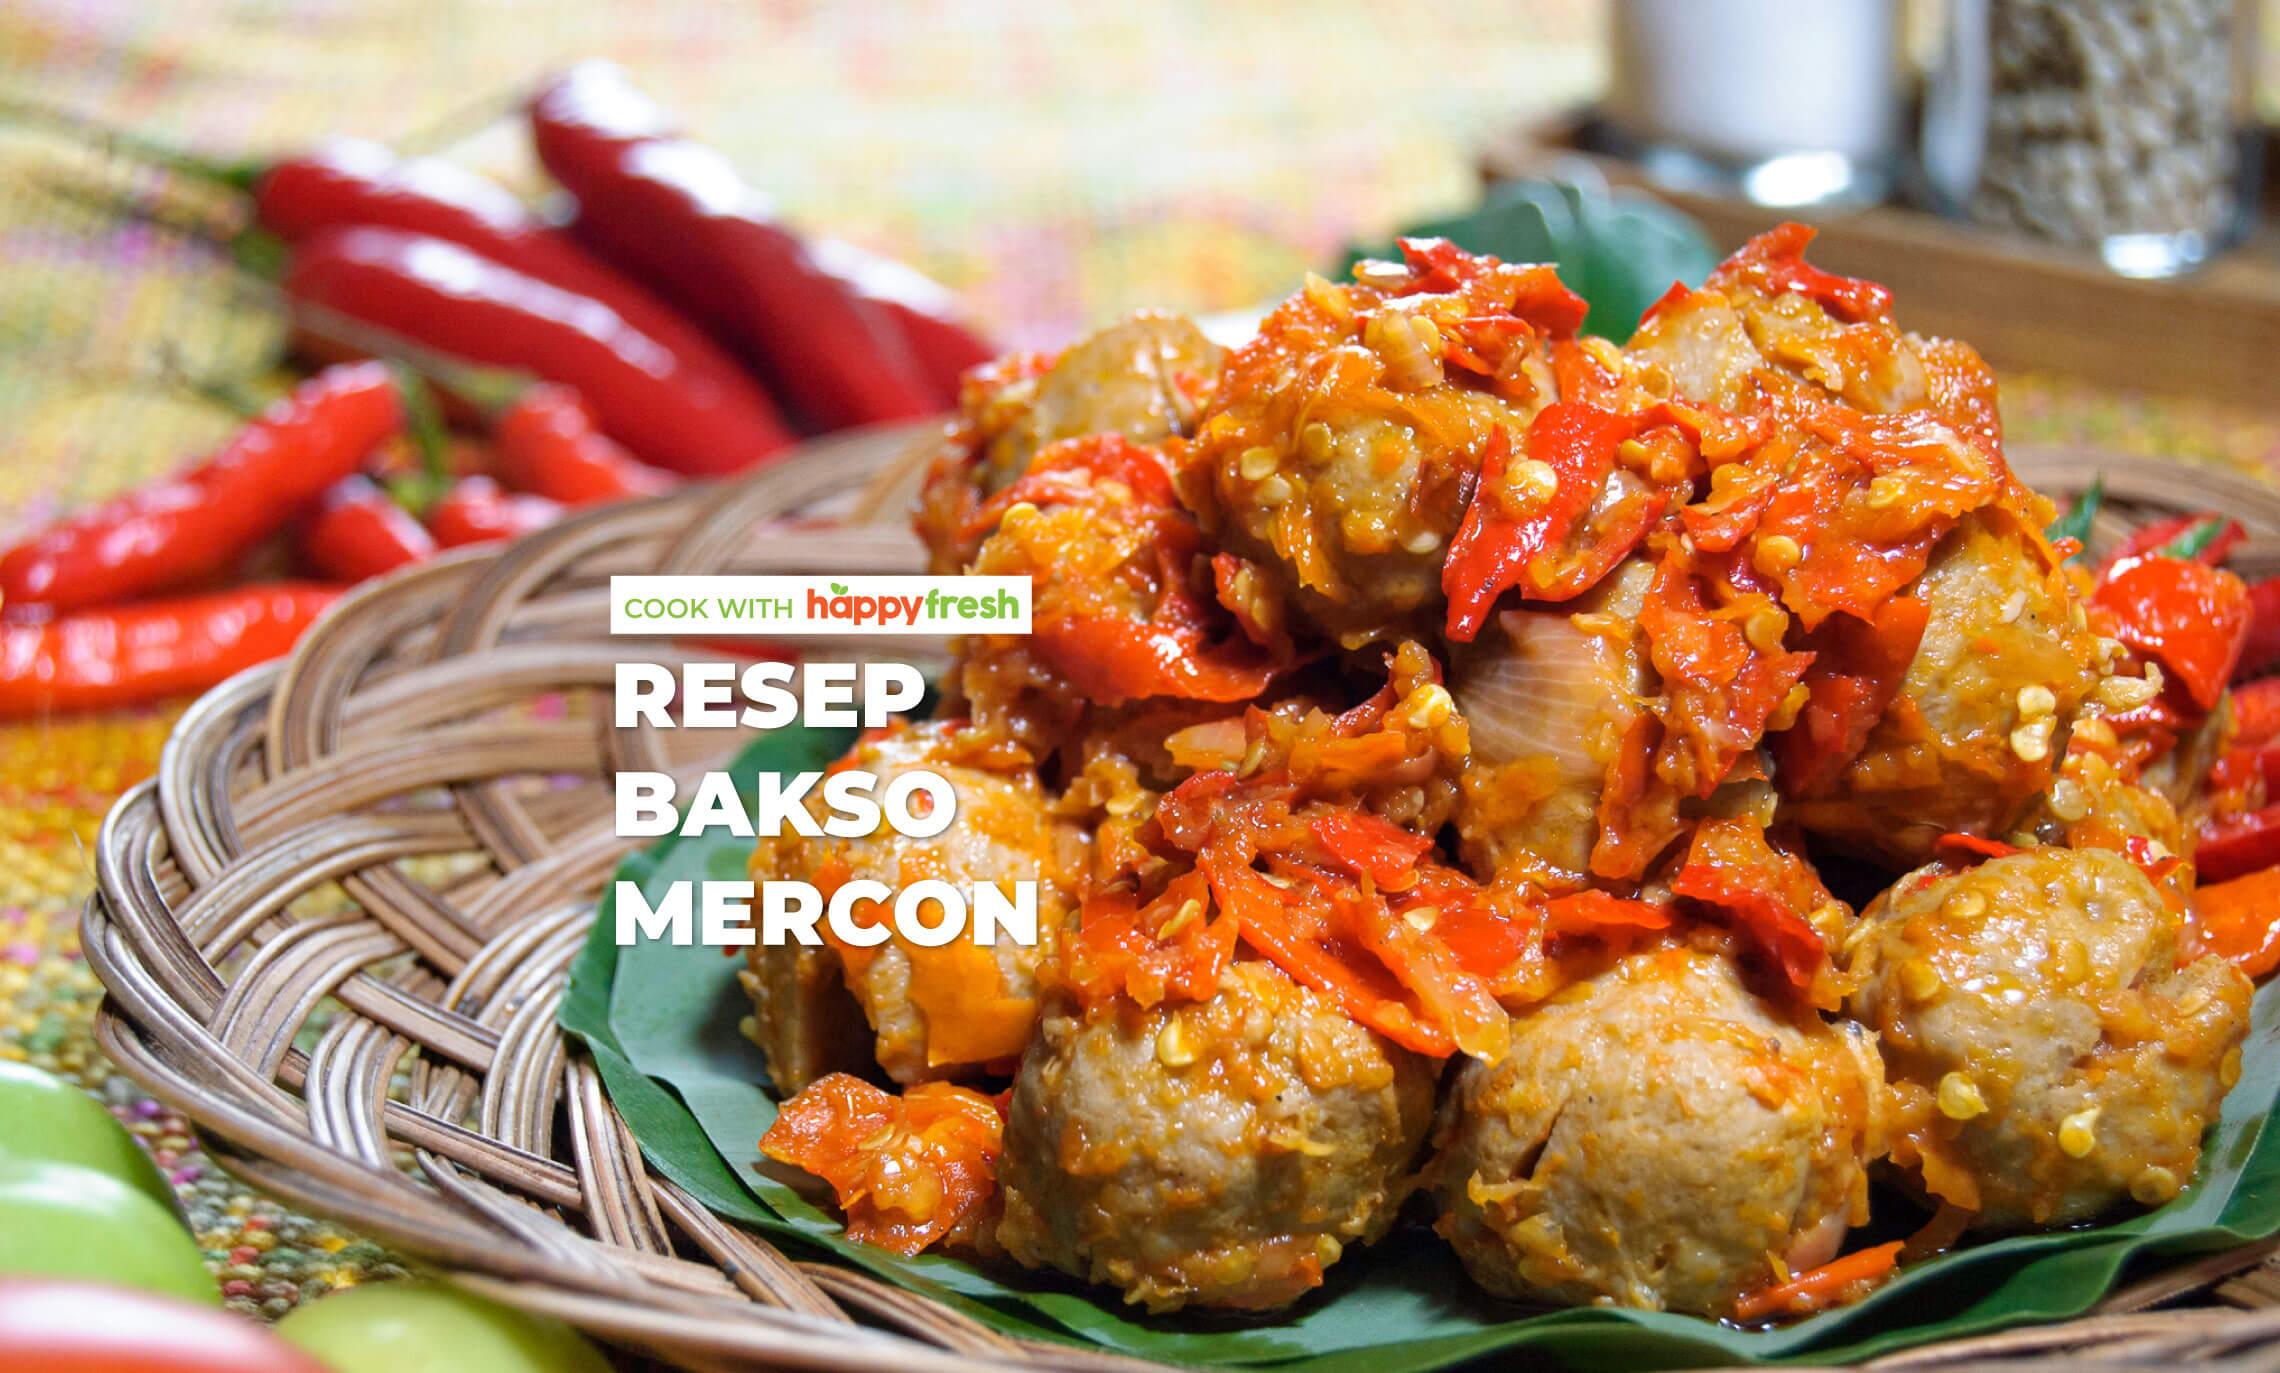 resep bakso mercon